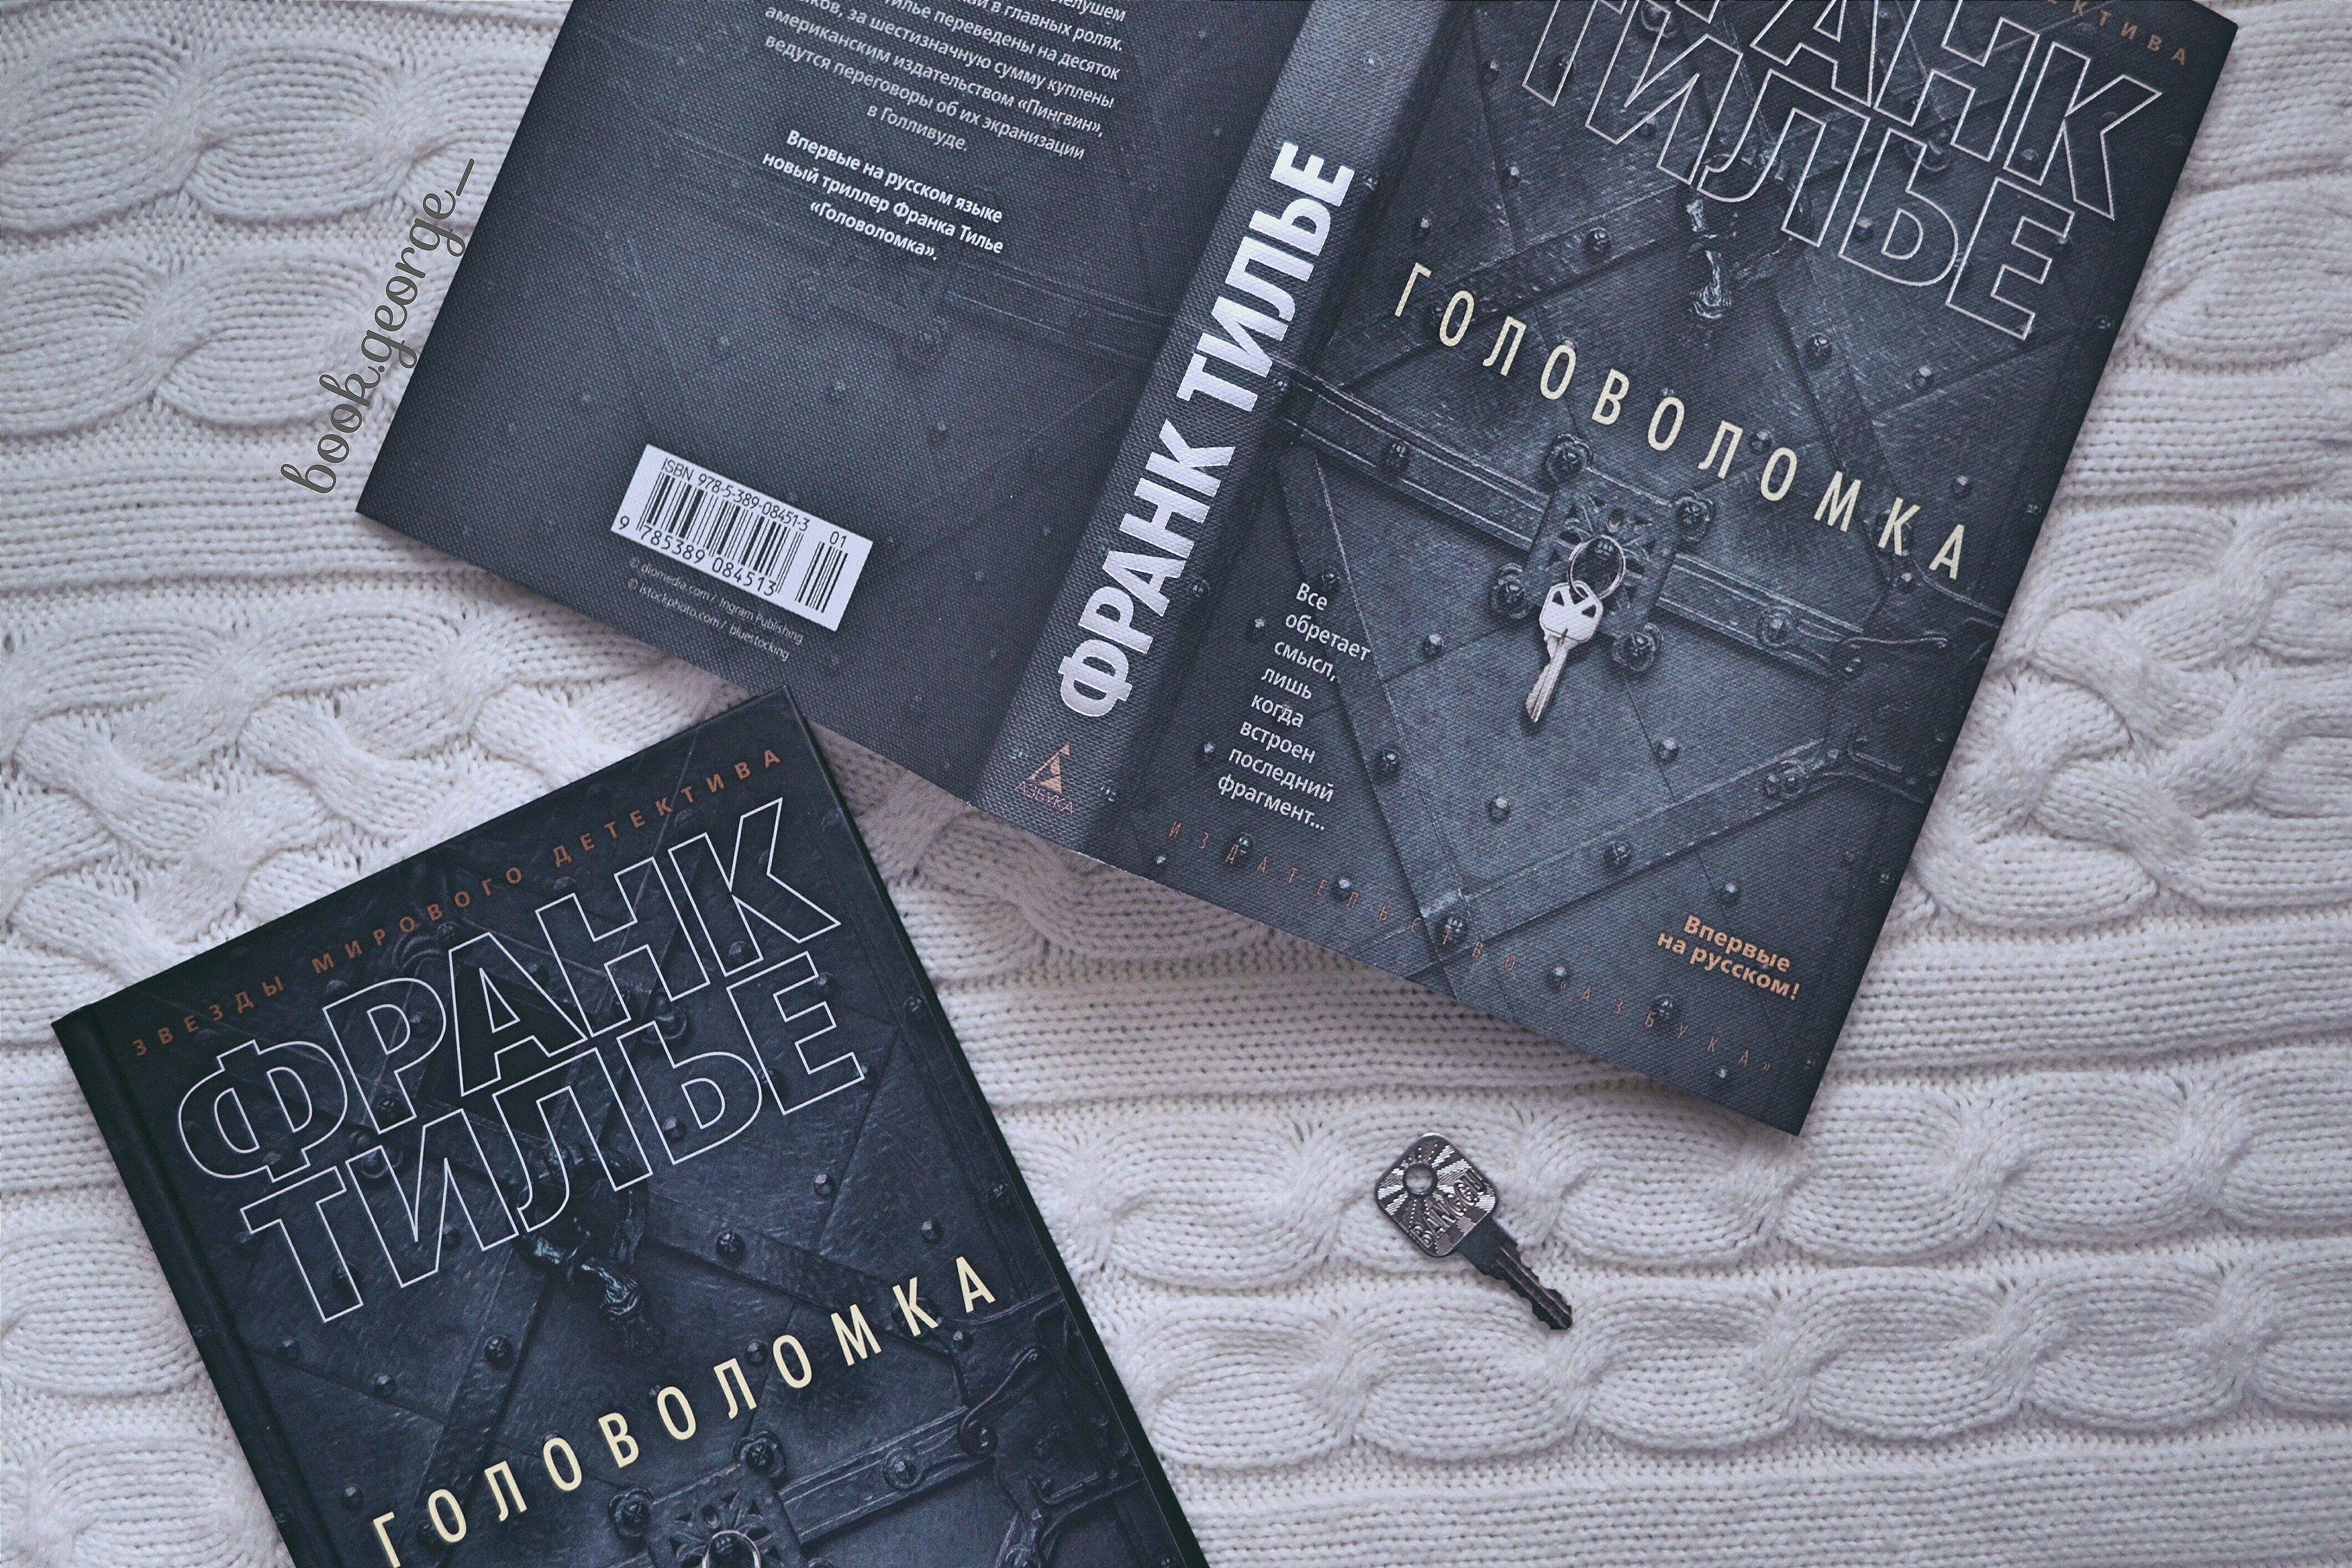 Франк тилье книга головоломка – скачать fb2, epub, pdf бесплатно.